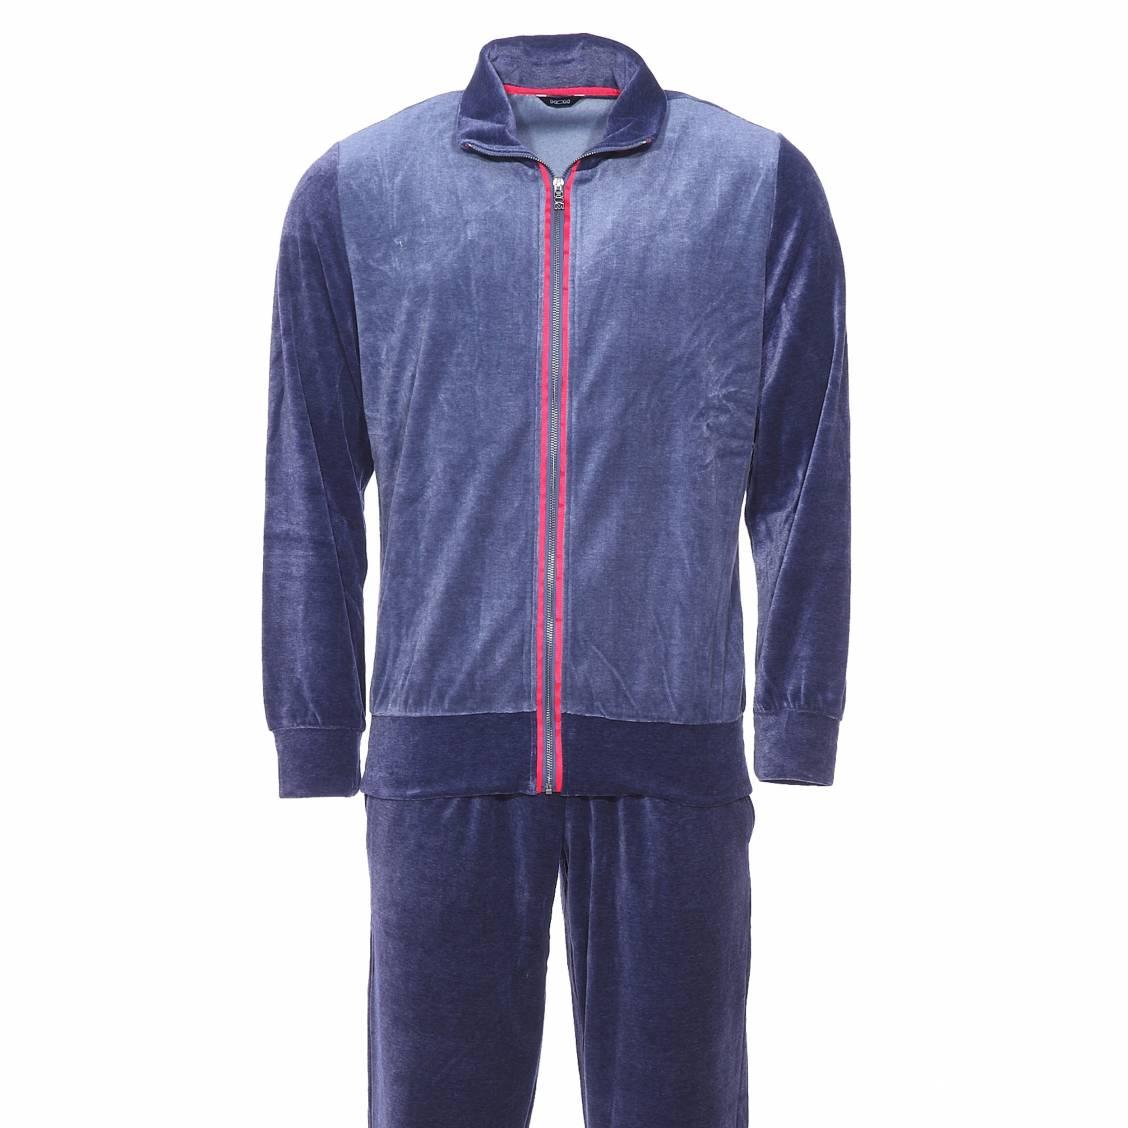 tenue d 39 int rieur jazz hom en velours veste zipp e bleu marine et bleu jean et pantalon bleu. Black Bedroom Furniture Sets. Home Design Ideas